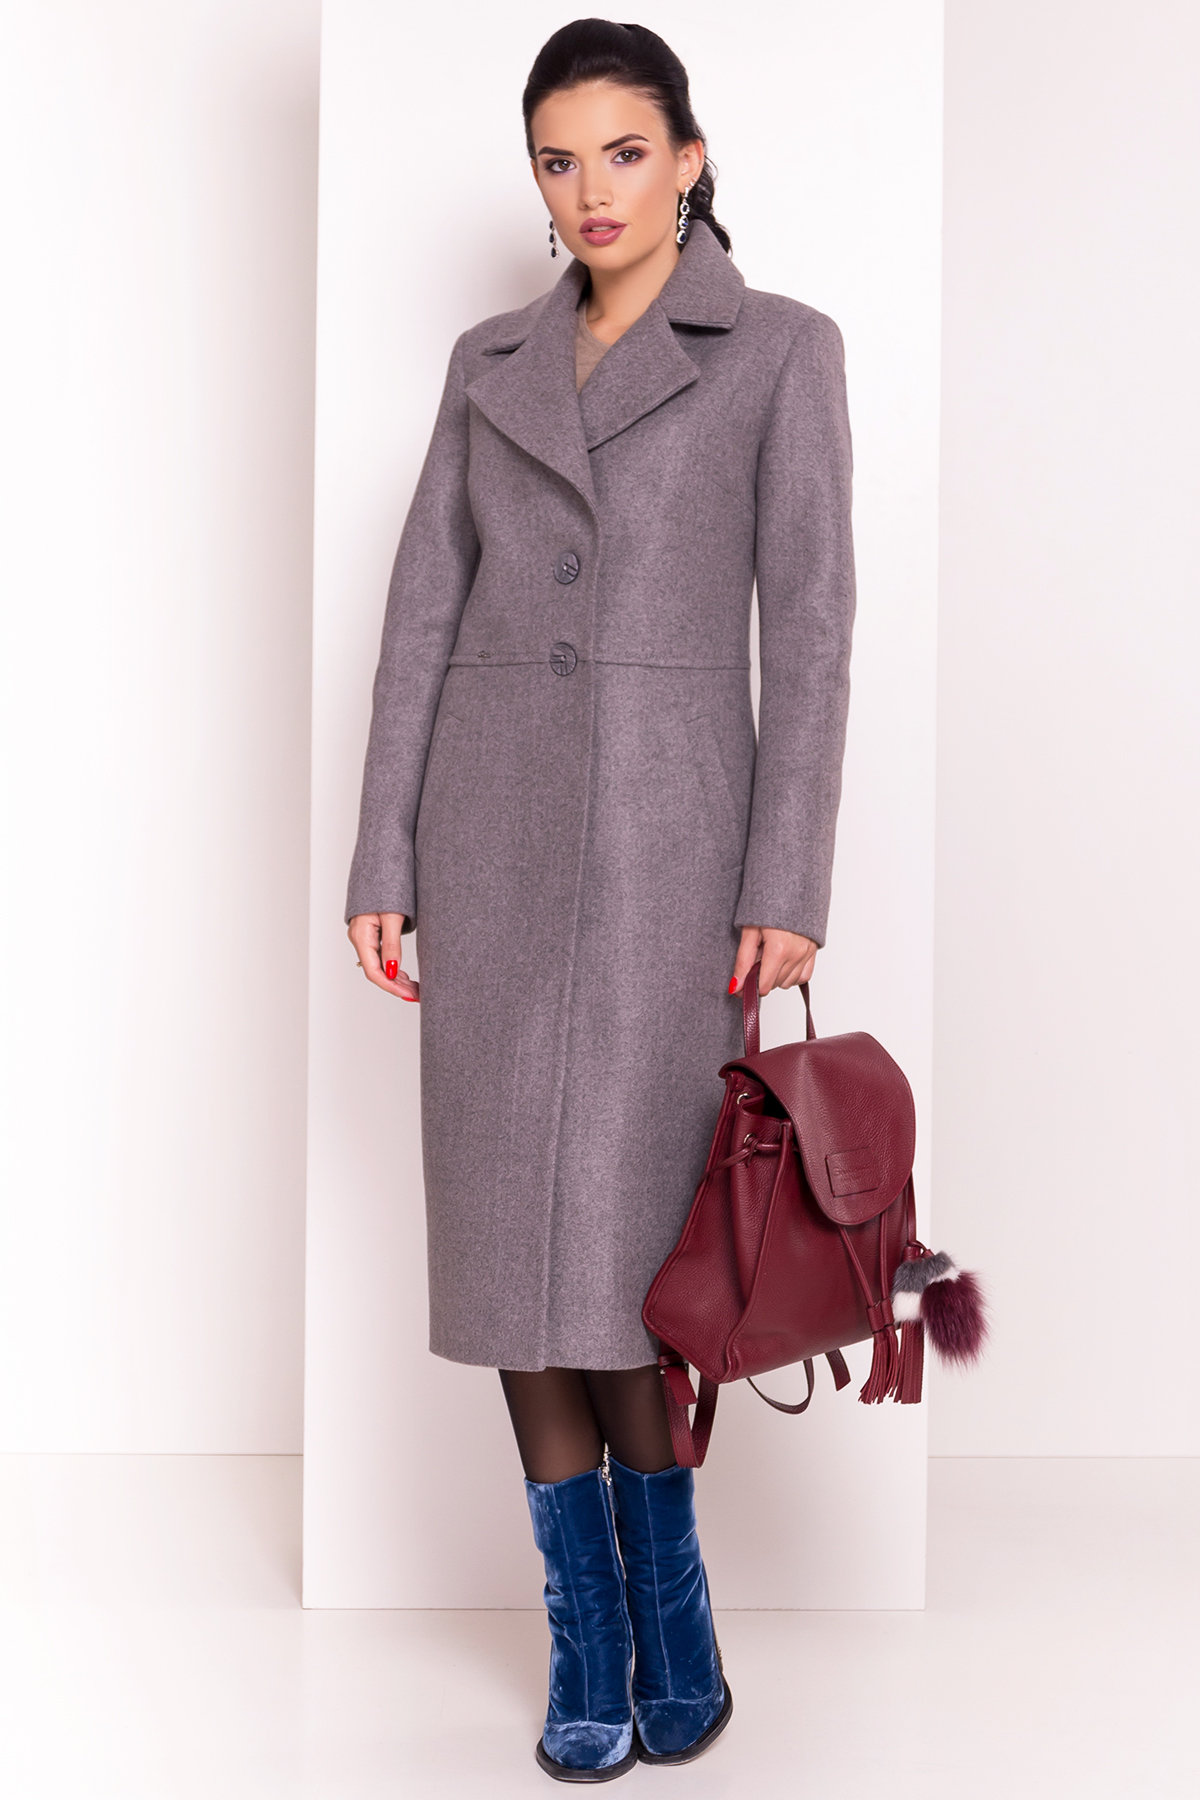 Пальто Габриэлла 5559 Цвет: Серый 44